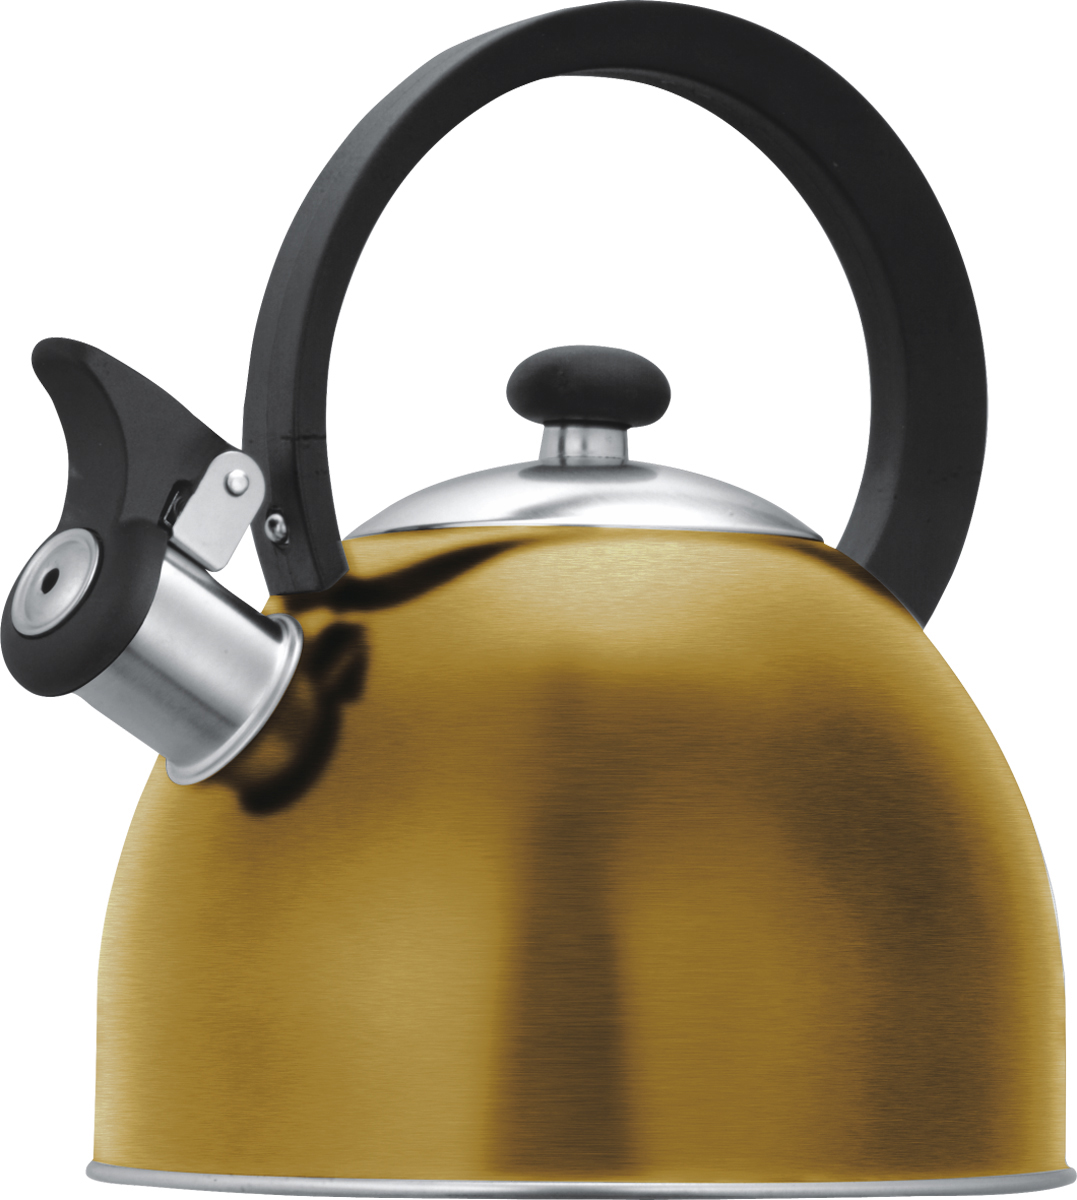 Чайник Lumme со свистком, цвет: золотистый, 1,8 лLU-256 золотоЧайник в корпусе из высококачественной пищевой нержавеющей стали с термостойкой ненагревающейся ручкой и свистком, поднимающимся с помощью рычажка.Высококачественная нержавеющая сталь не имеет запаха, не выделяет примесей и сохраняет все природные натуральные свойства воды.Свисток на носике чайника – привычный элемент комфорта и безопасности, потому что своевременный сигнал о готовности кипятка сэкономит время и электроэнергию, вода никогда не выкипит полностью, и чайник прослужит очень долго.Оригинальный механизм поднятия свистка с помощью рычажка добавляет чайнику индивидуальности, он необычайно комфортен в использовании и может стать хорошим подарком для близких.Чайник из нержавеющей стали подходит для всех видов плит, кроме индукционных: электрических, стеклокерамических, галогенных, газовых.